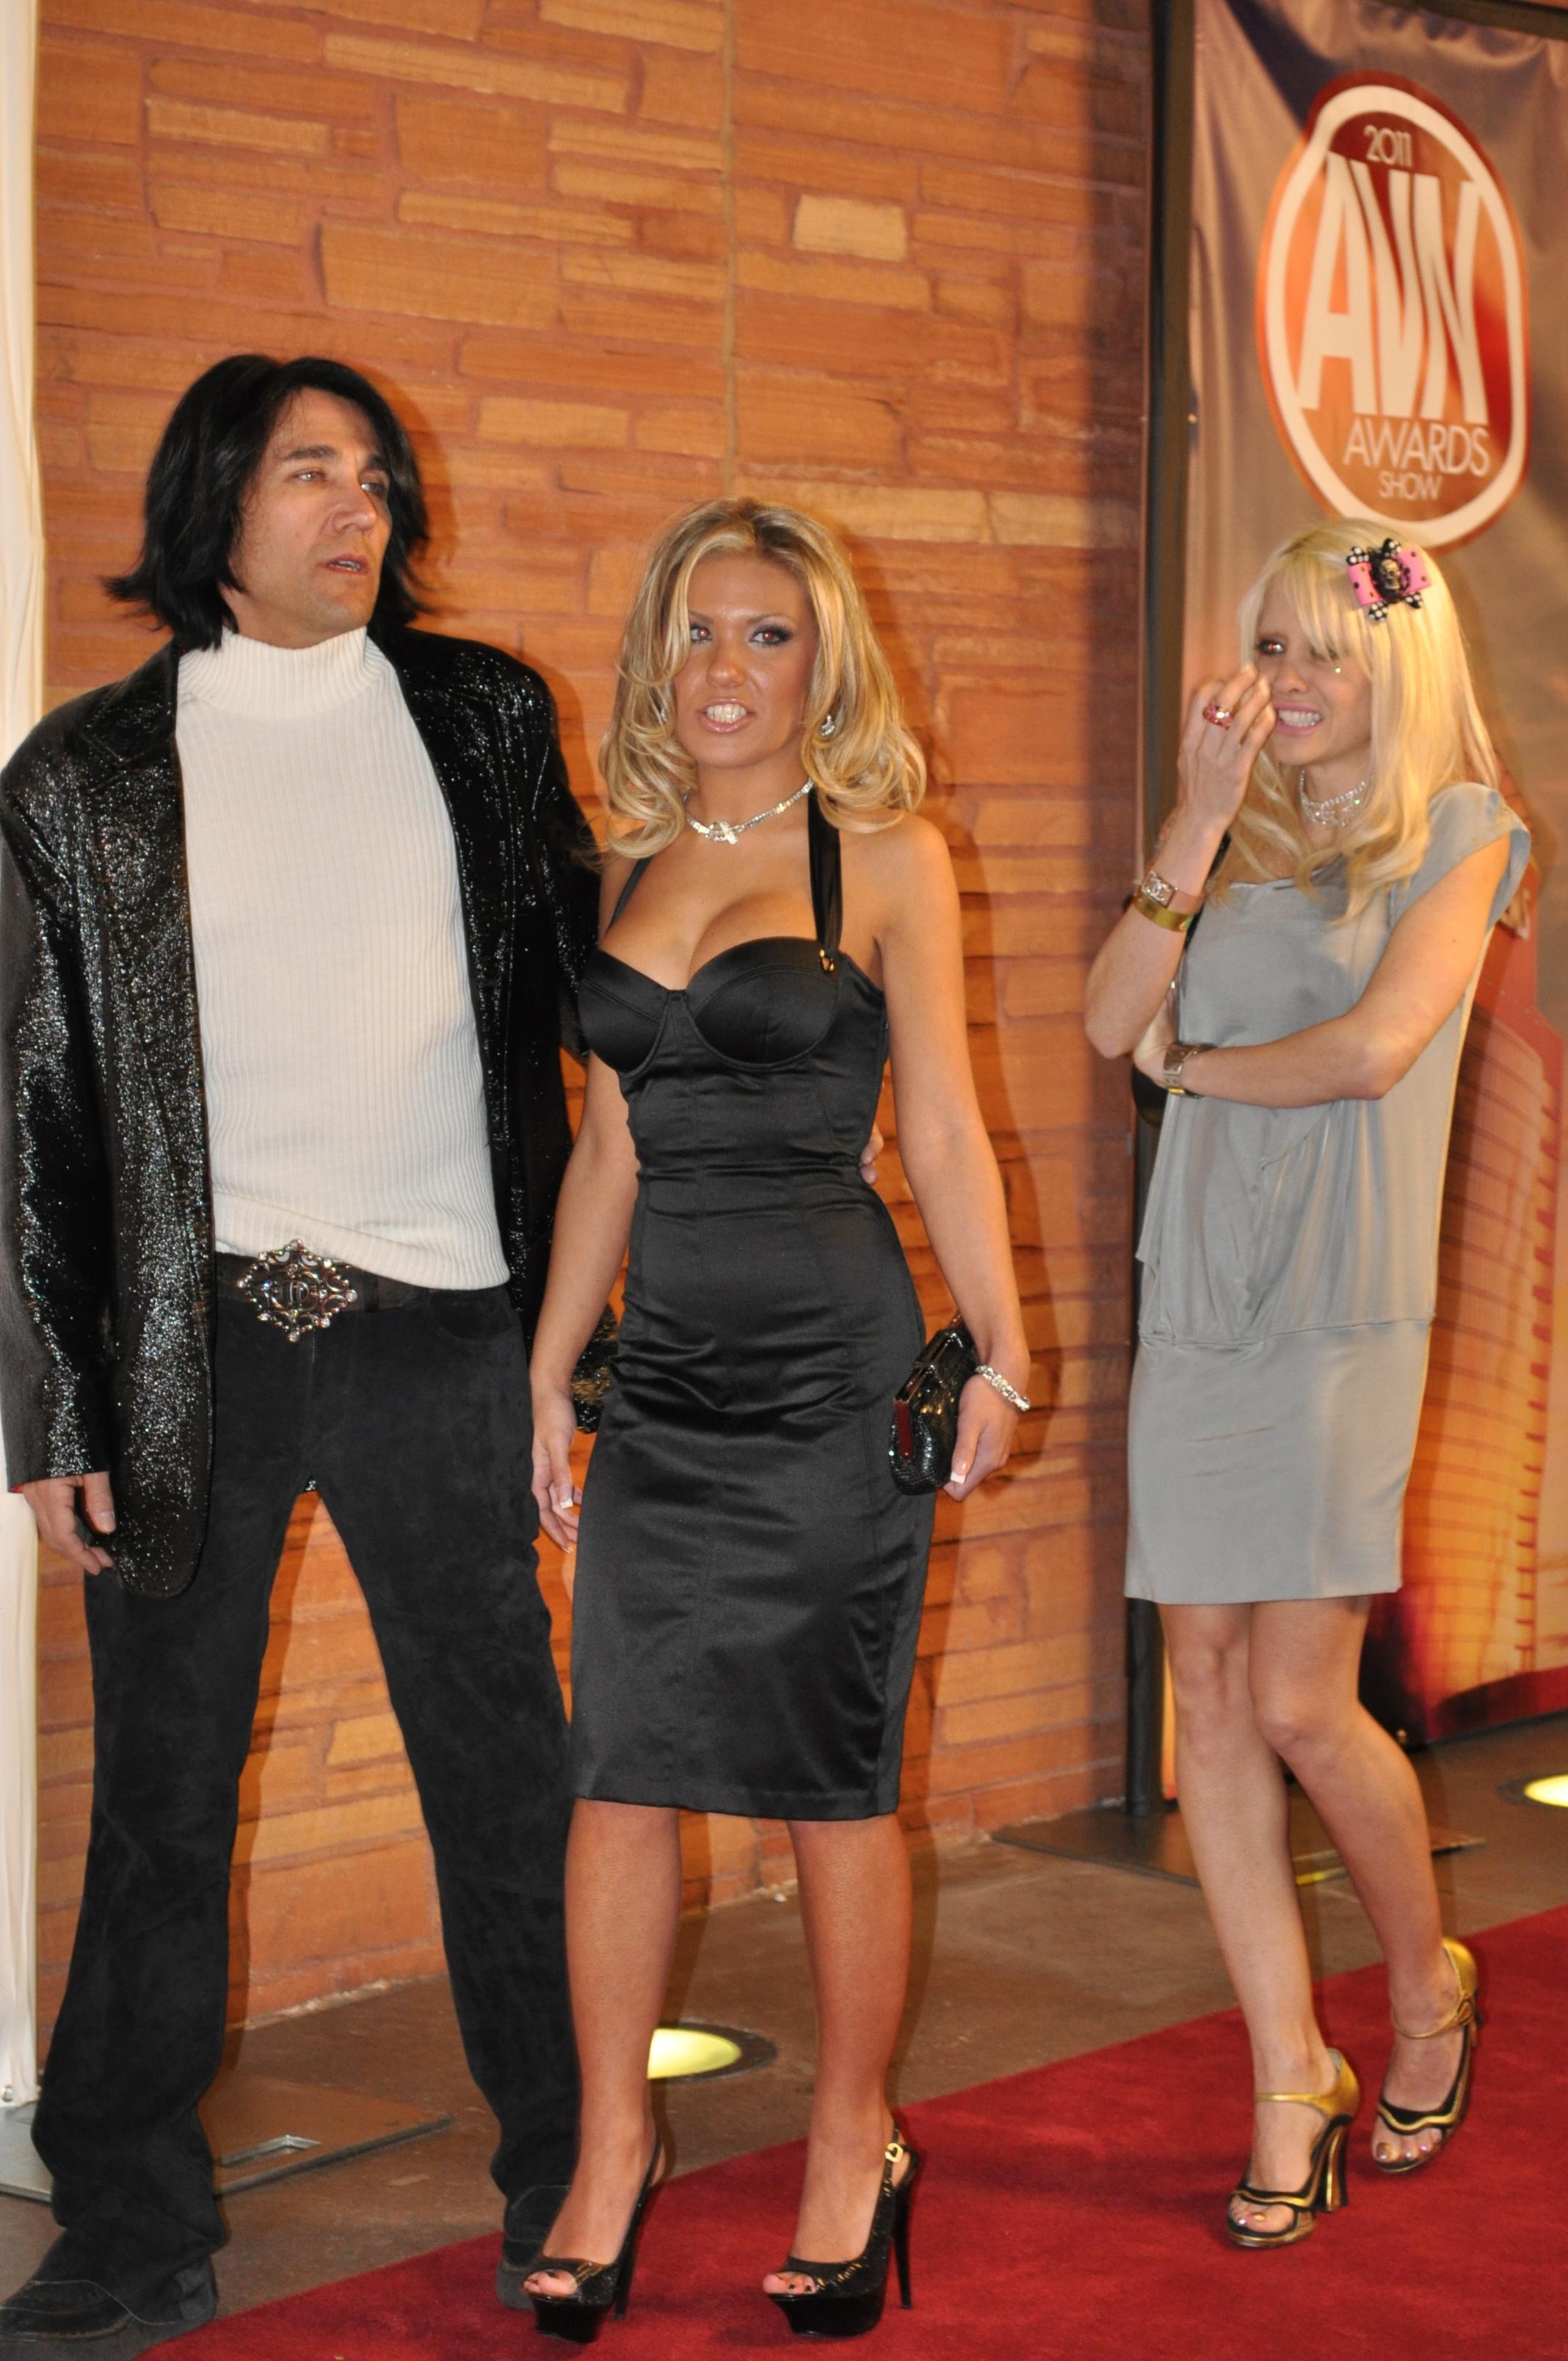 Fileaubrey Addams At Avn Awards 2011 2 Jpg